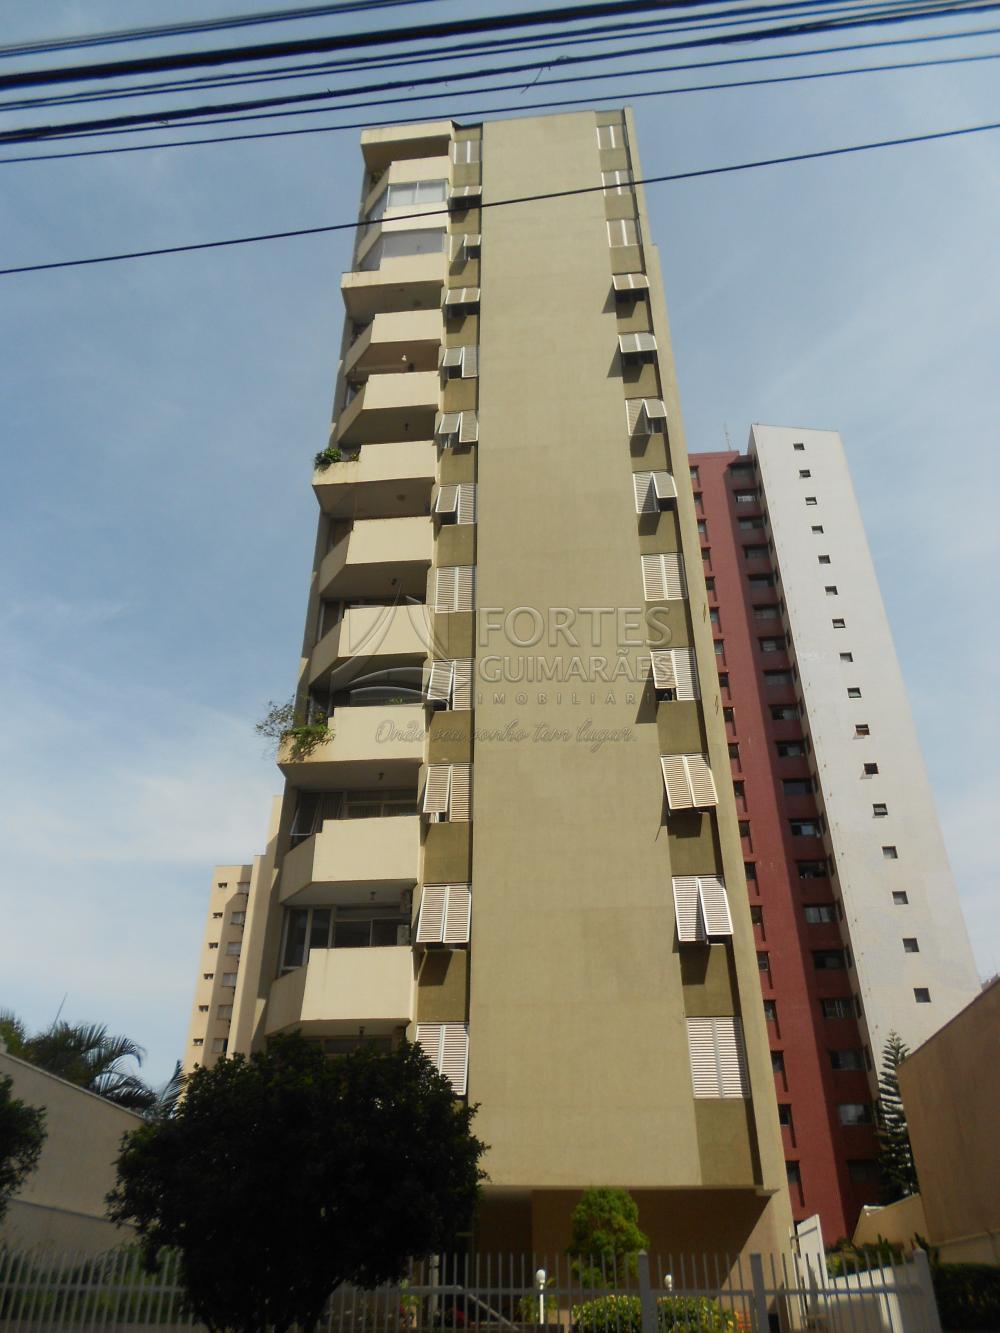 Alugar Apartamentos / Mobiliado em Ribeirão Preto. apenas R$ 950,00